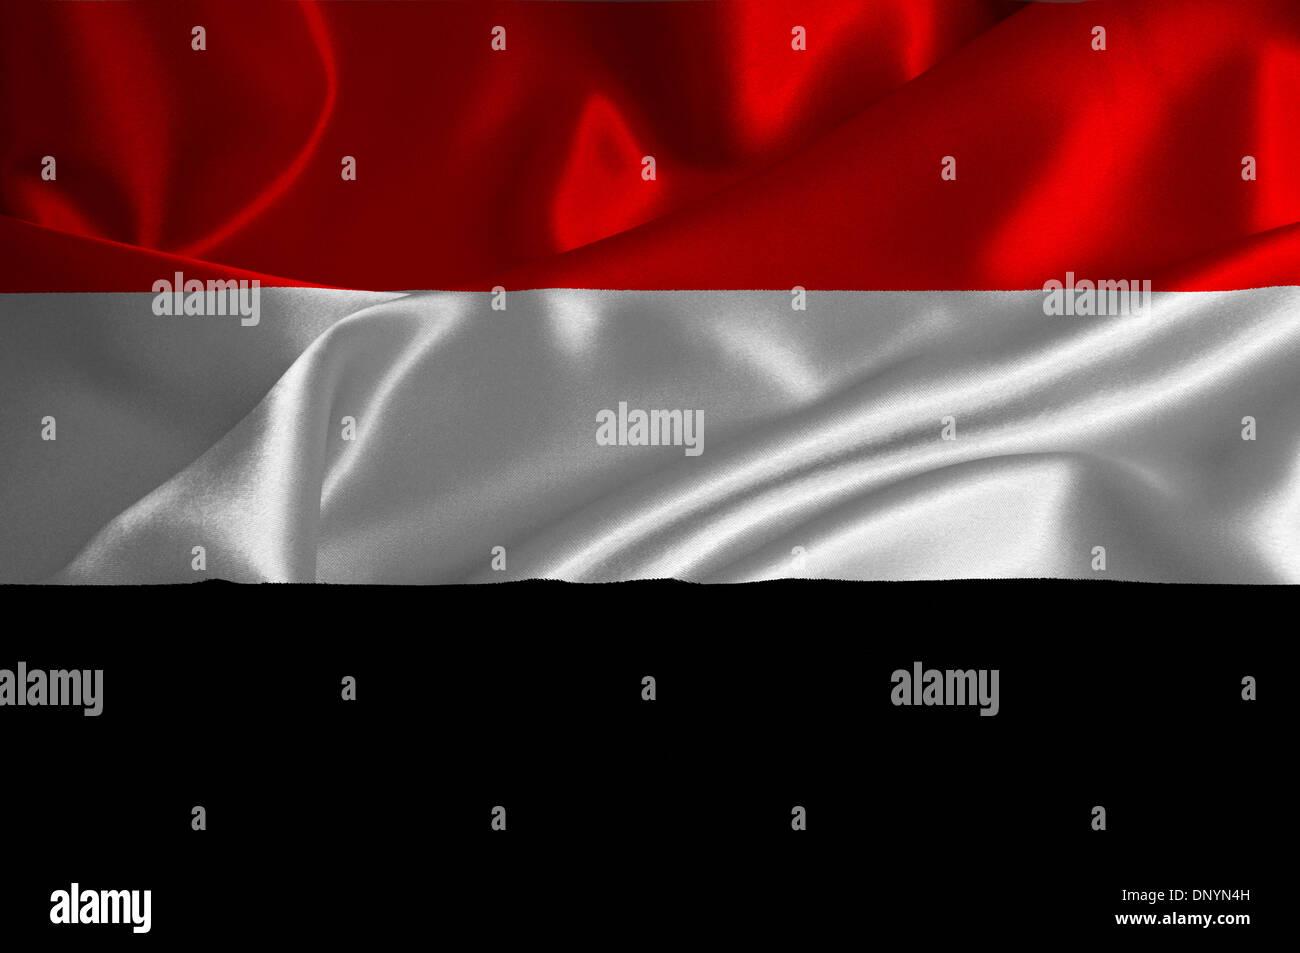 Yemen flag on satin texture. - Stock Image